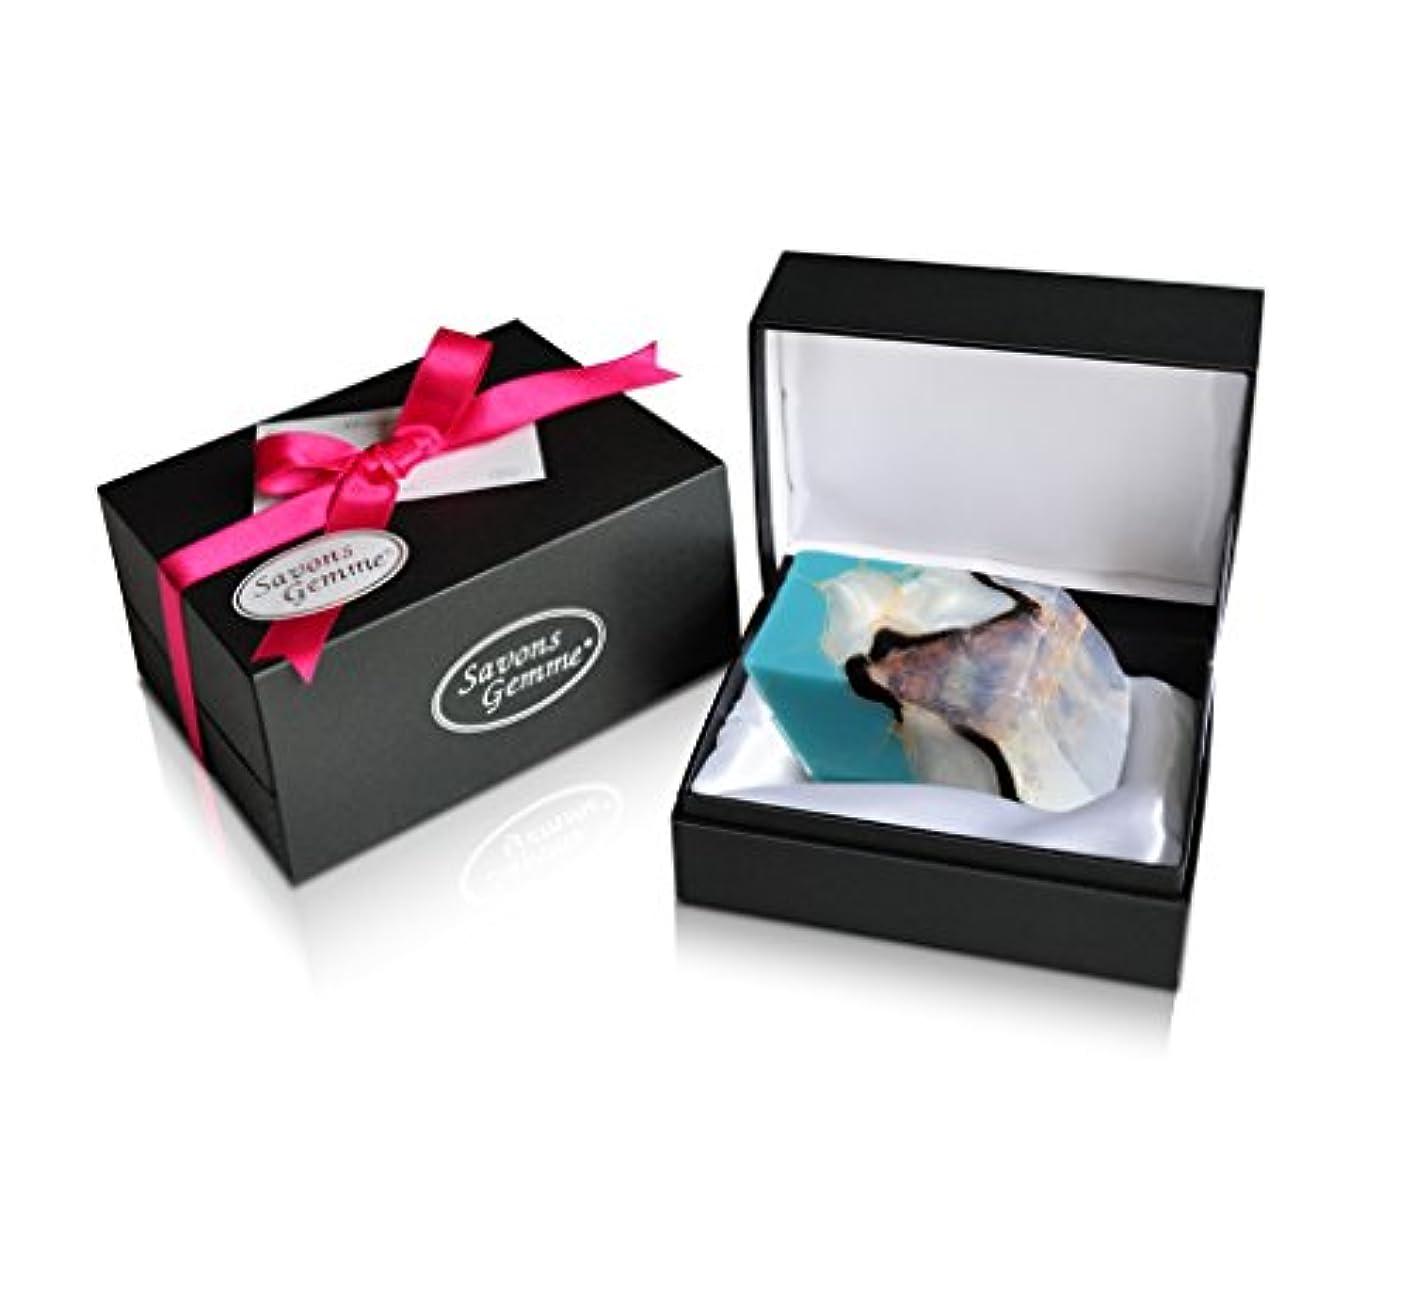 ビザリール比べるSavons Gemme サボンジェム ジュエリーギフトボックス 世界で一番美しい宝石石鹸 フレグランス ソープ ターコイズ 170g